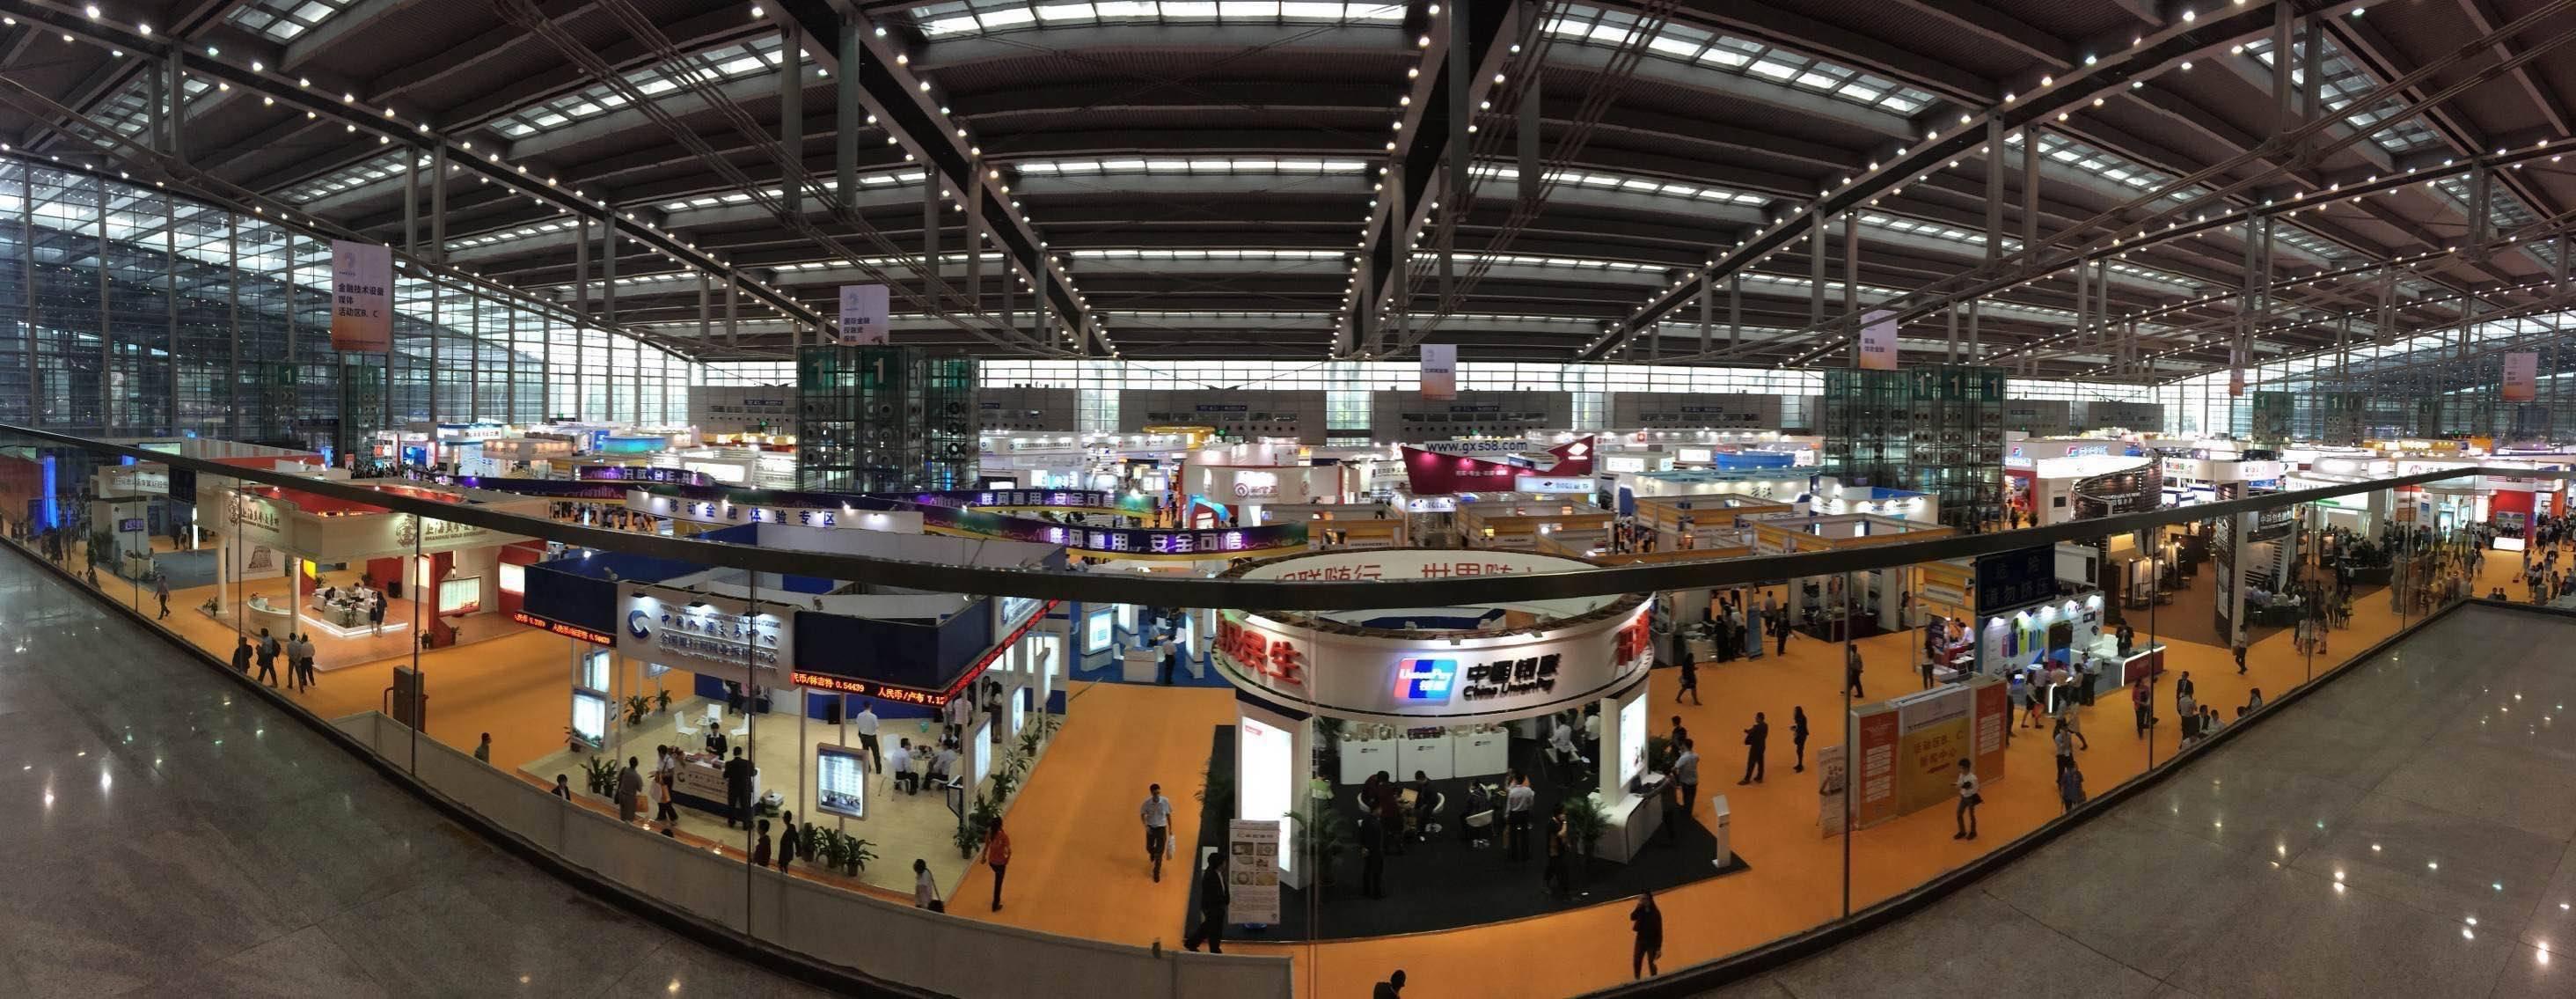 舟大师参加第八届国际金融博览会